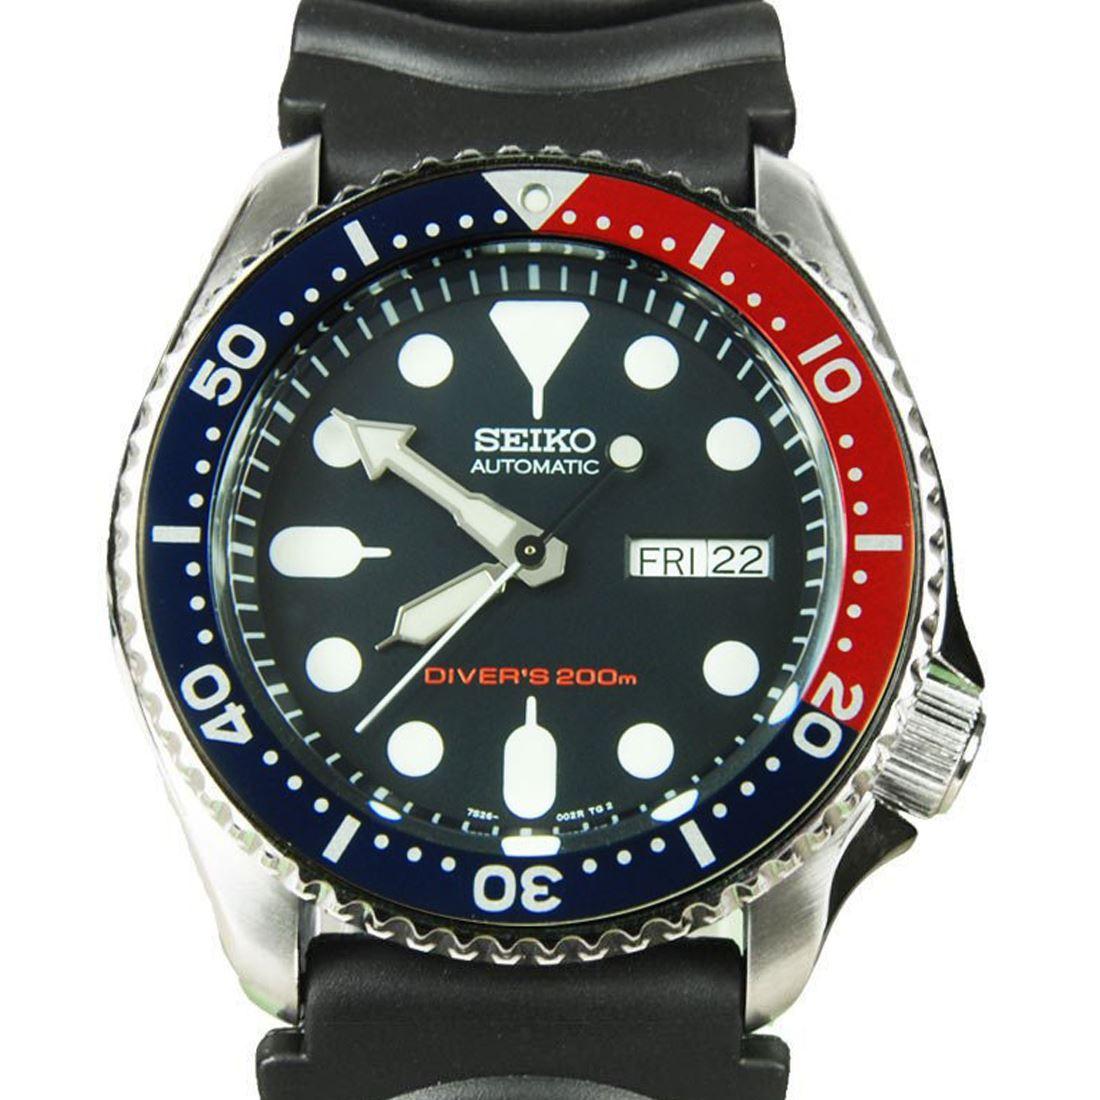 TOP-SELLING-Seiko-SKX009-SKX009J1-SKX009J2-SKX009K1-SKX009K2-Pepsi-Dive-Watch thumbnail 23